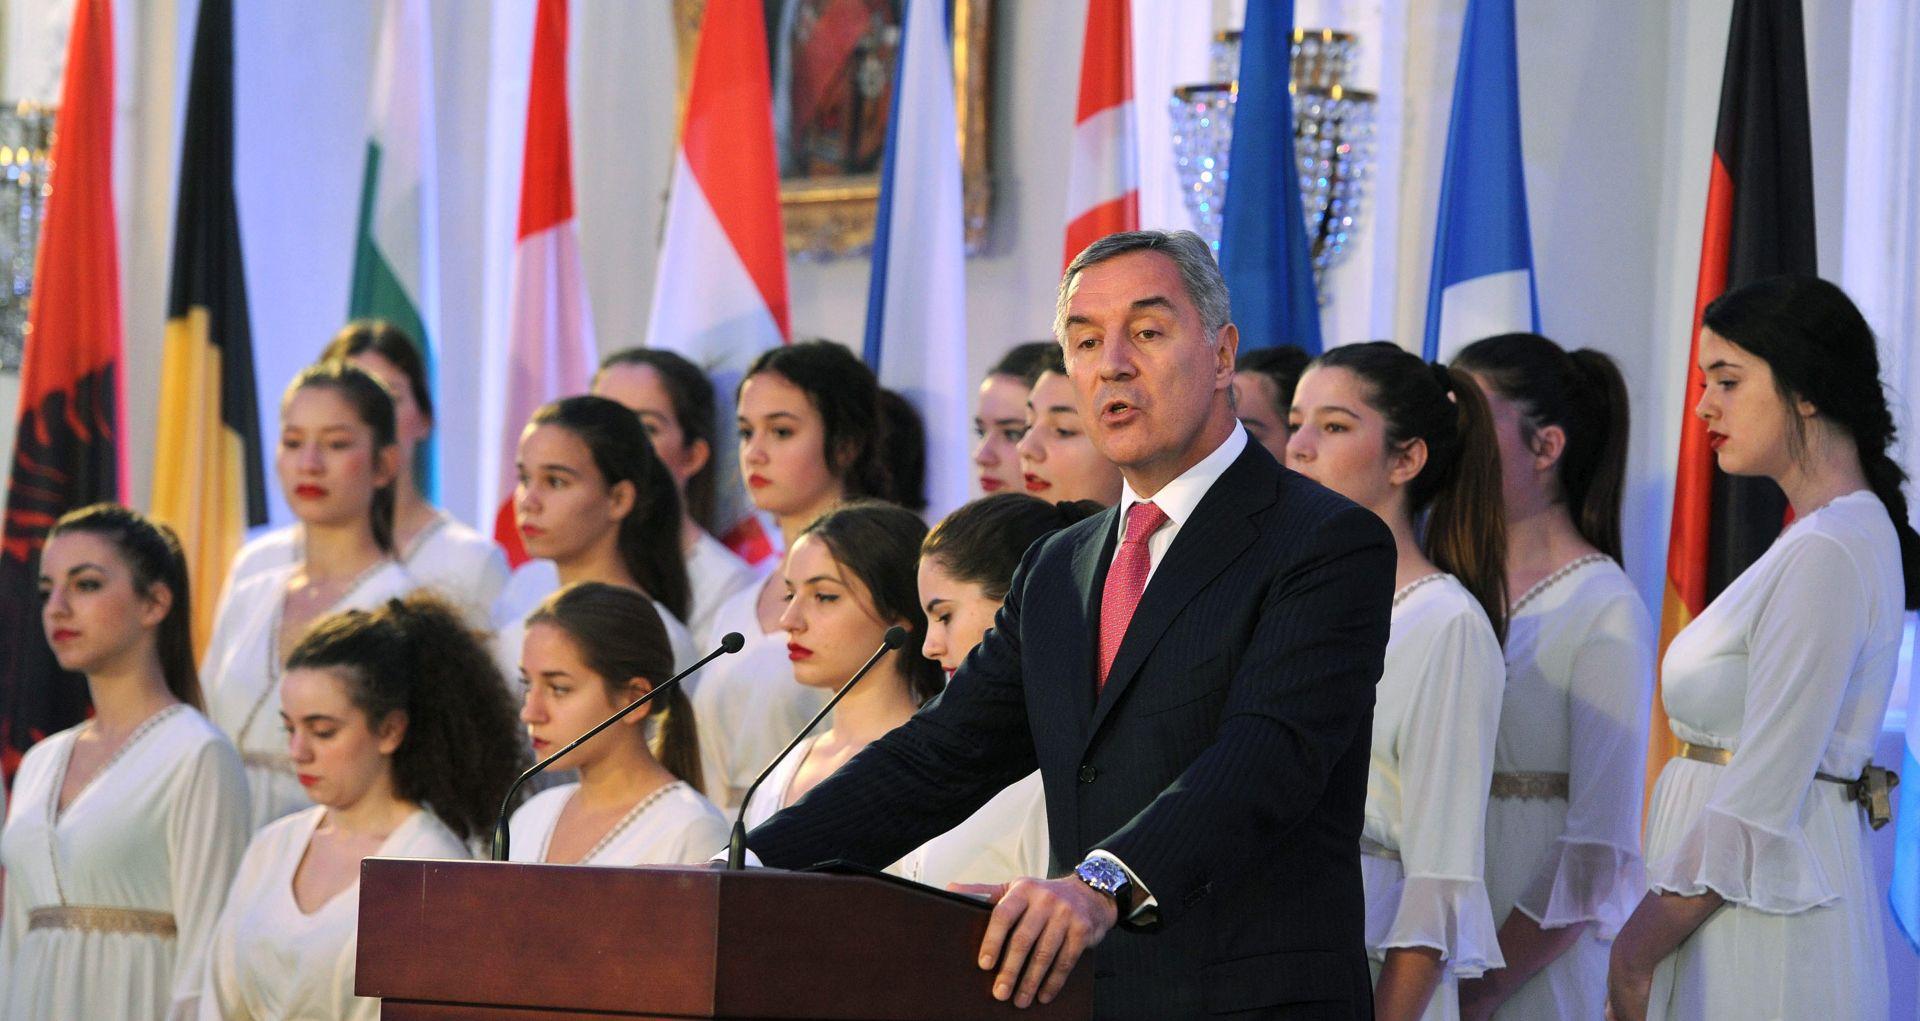 Đukanović izabran za predsjednika Crne Gore u prvom krugu